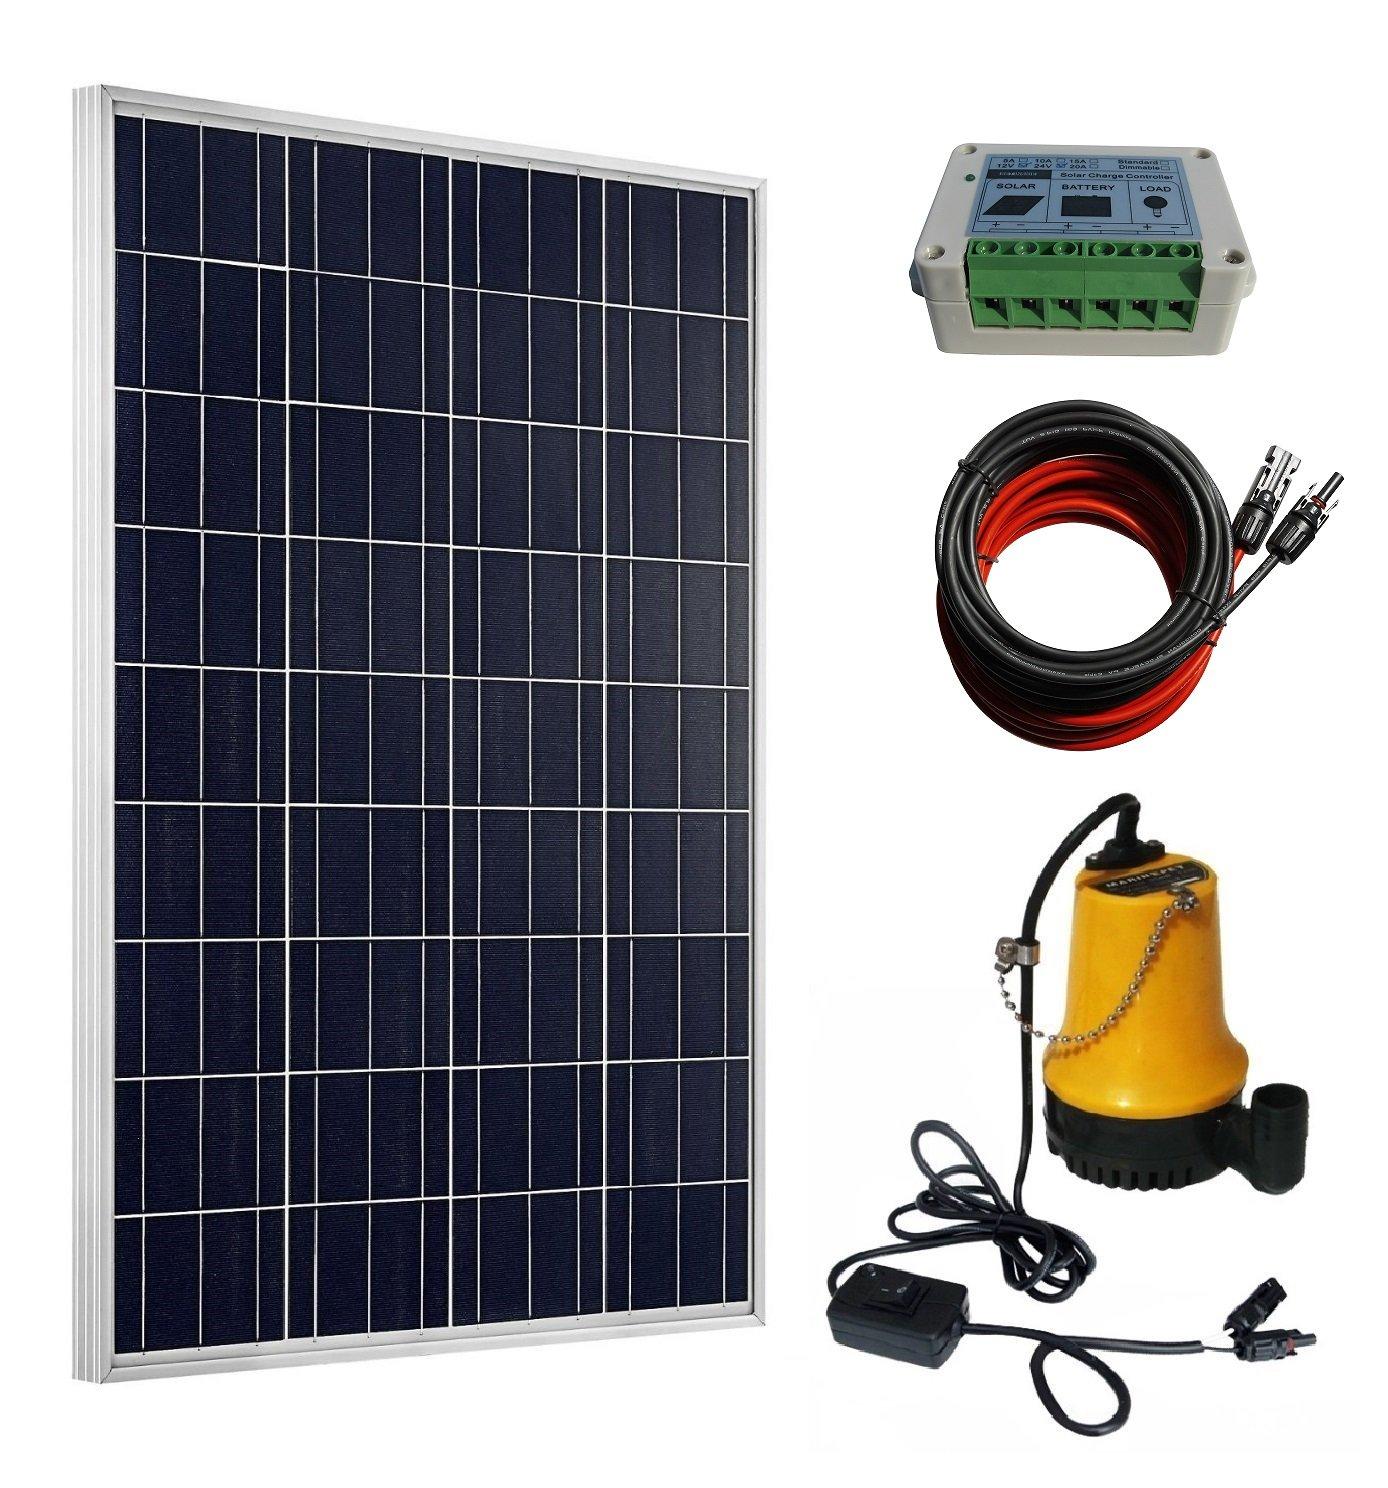 ECO-WORTHY 100W Solar Water Pump Kit